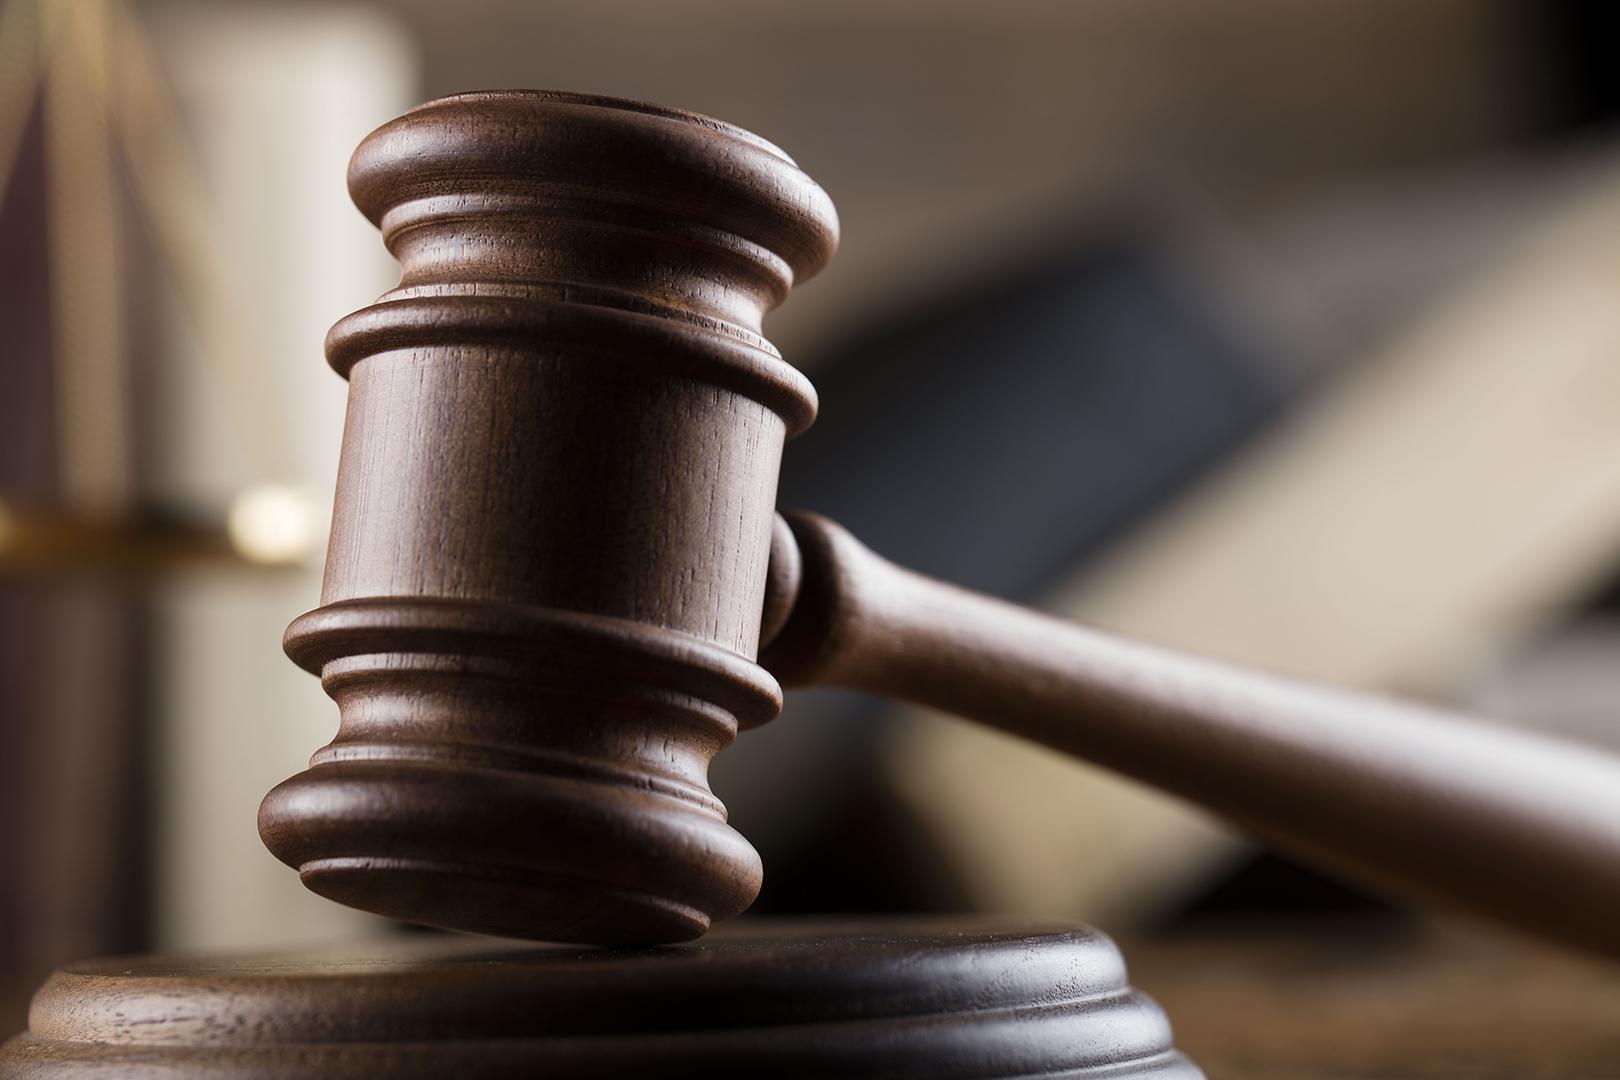 La marca de injusticia versus el legado de justicia3 min read